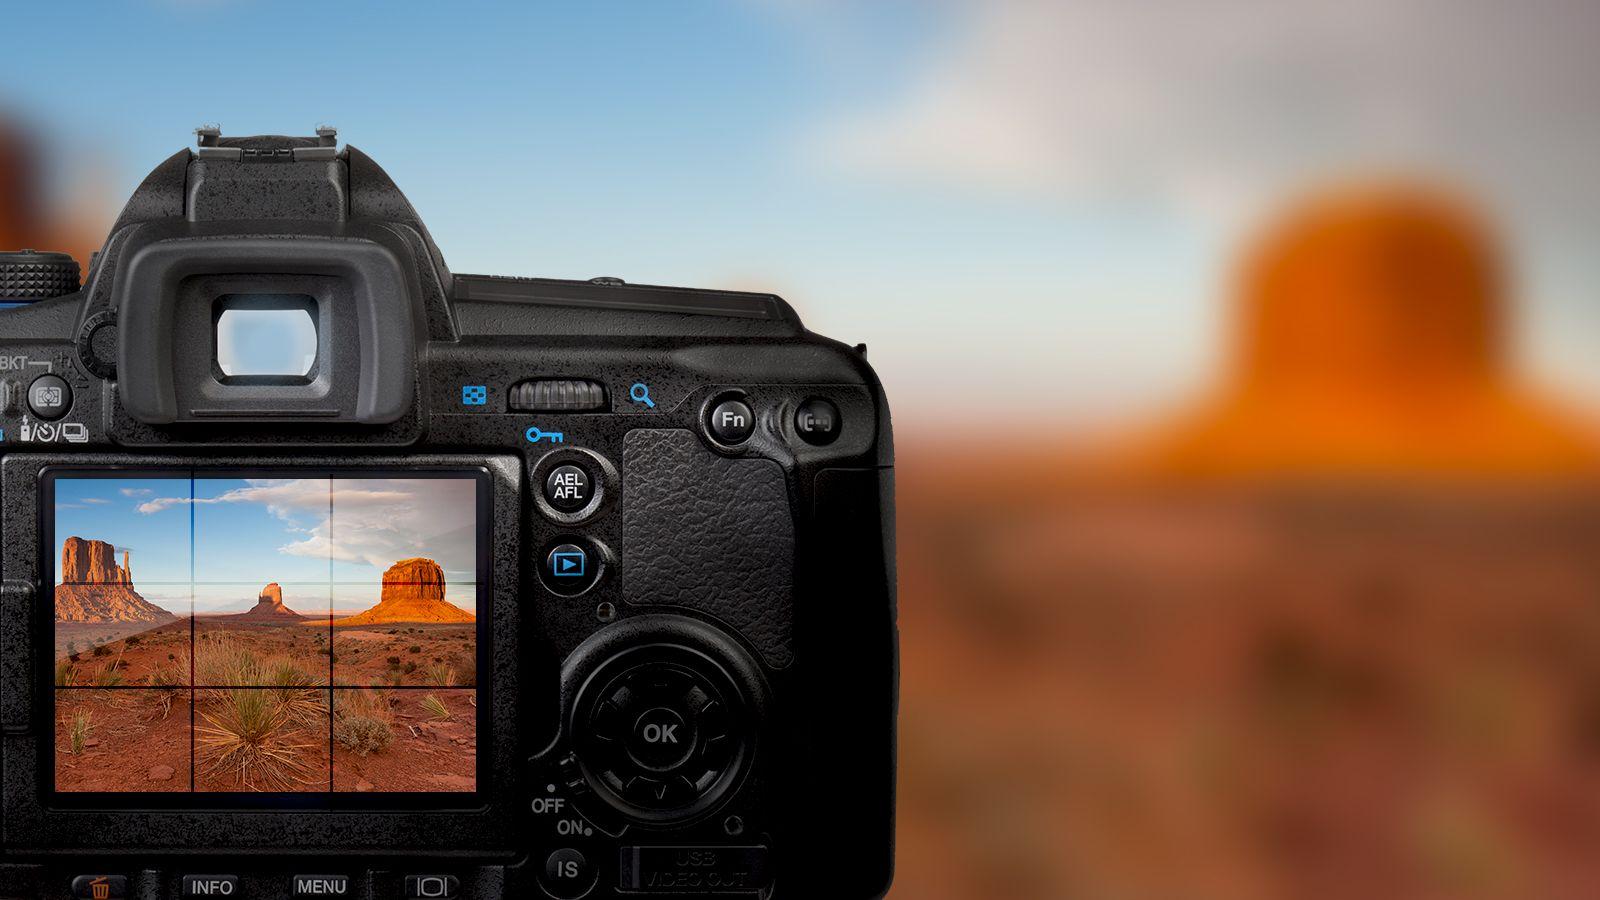 Fundamentals Of Photography With John Greengo Tutoriais De Fotografia Imagens De Fotografia Aula De Fotografia